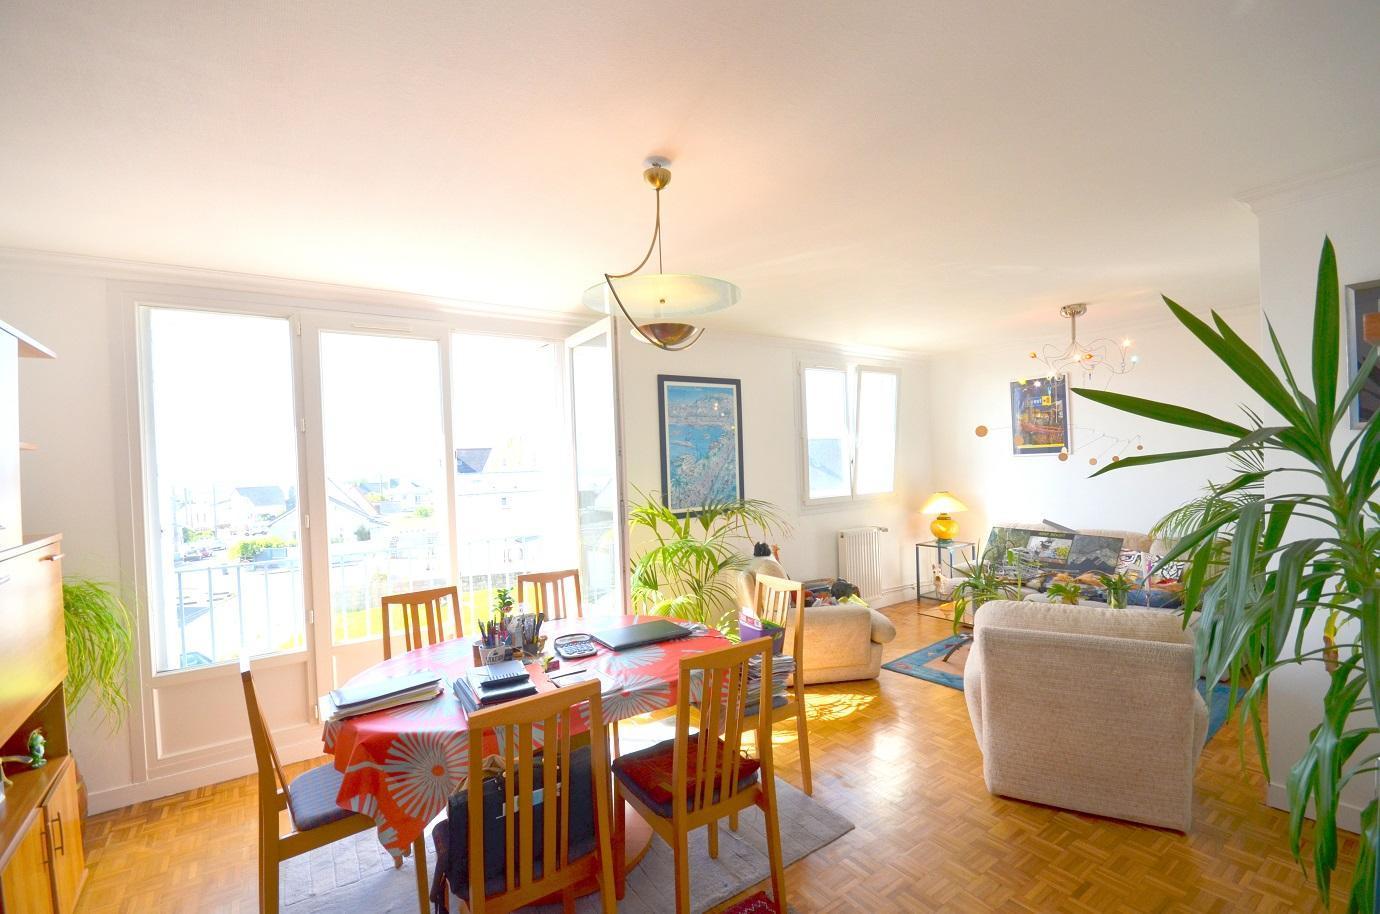 BREST : bel appartement 3 chambres sans vis-à-vis et avec vue dégagée sur la rade